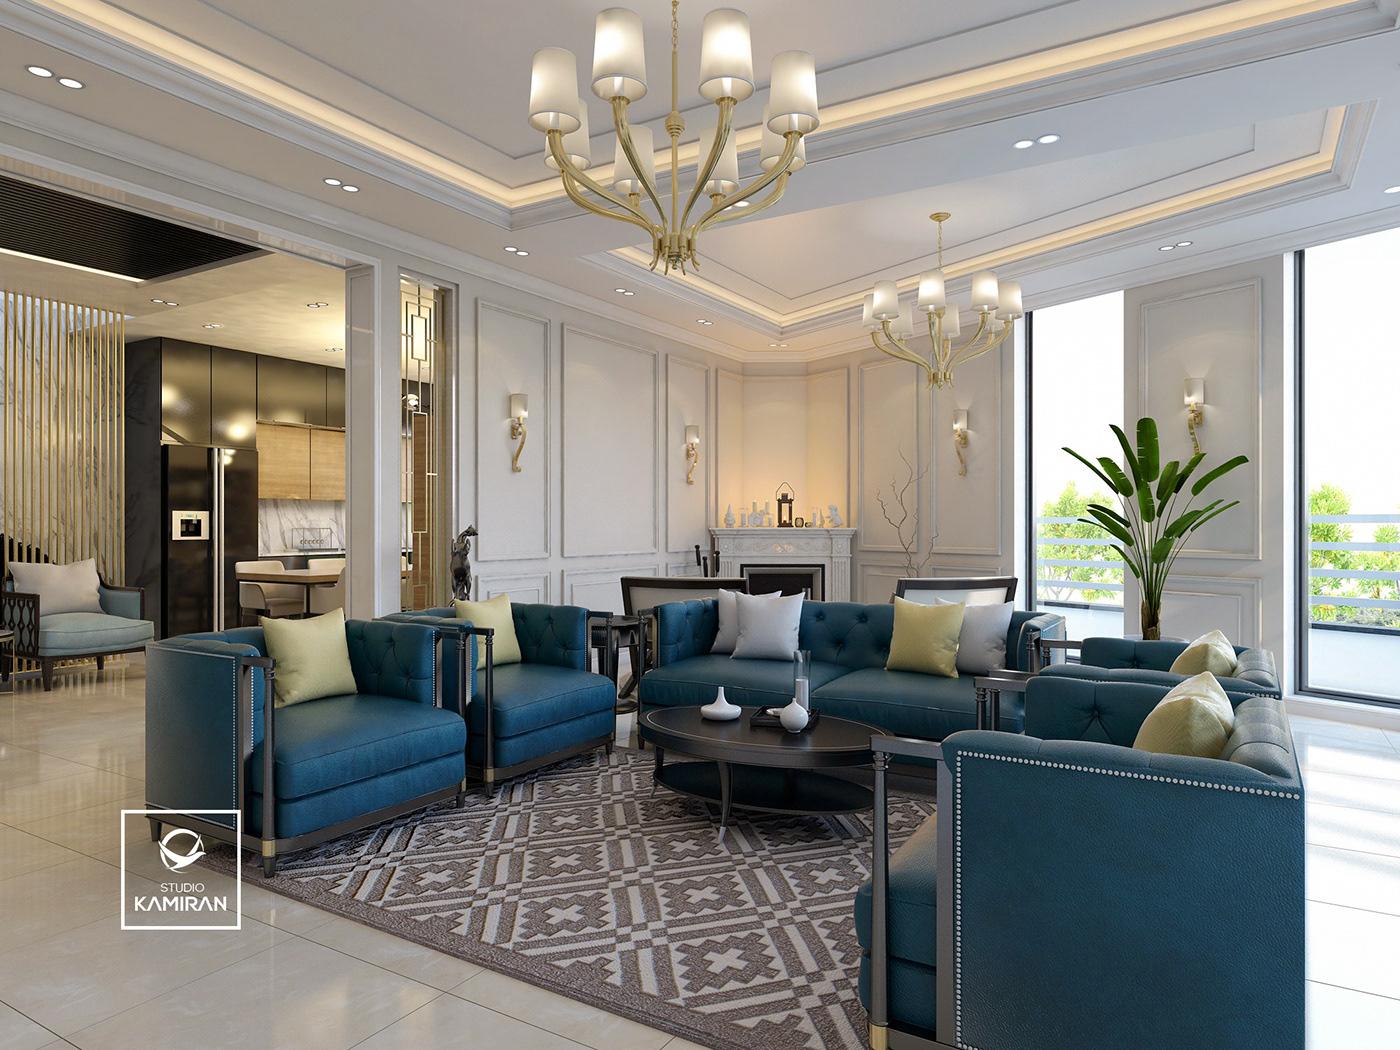 Classic Modern Living Room & Kitchen  Duhok on Behance